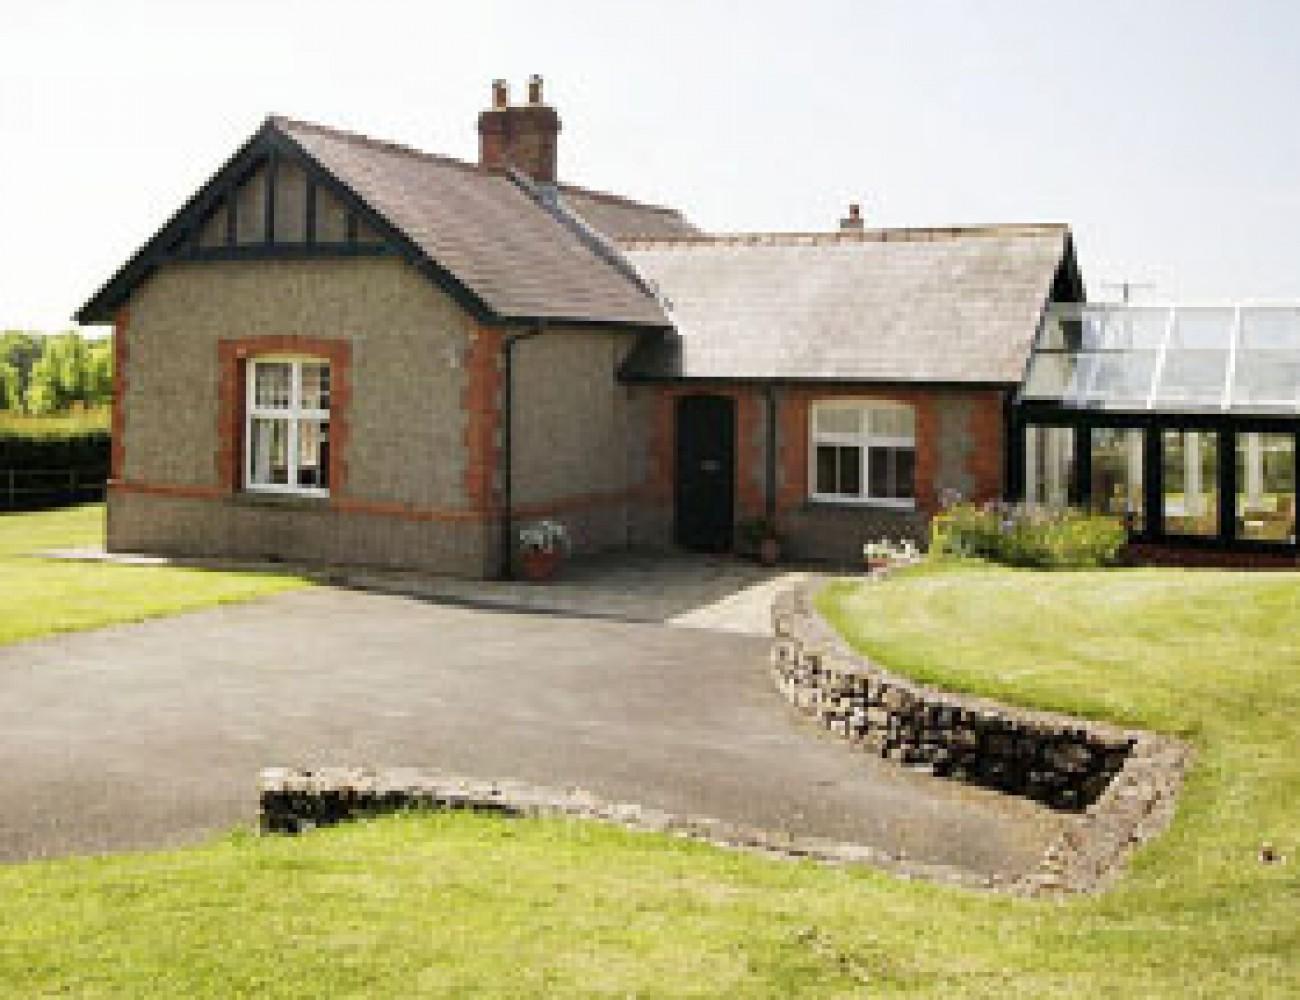 Estate office cottage unique holiday cottages for Unique holiday cottages